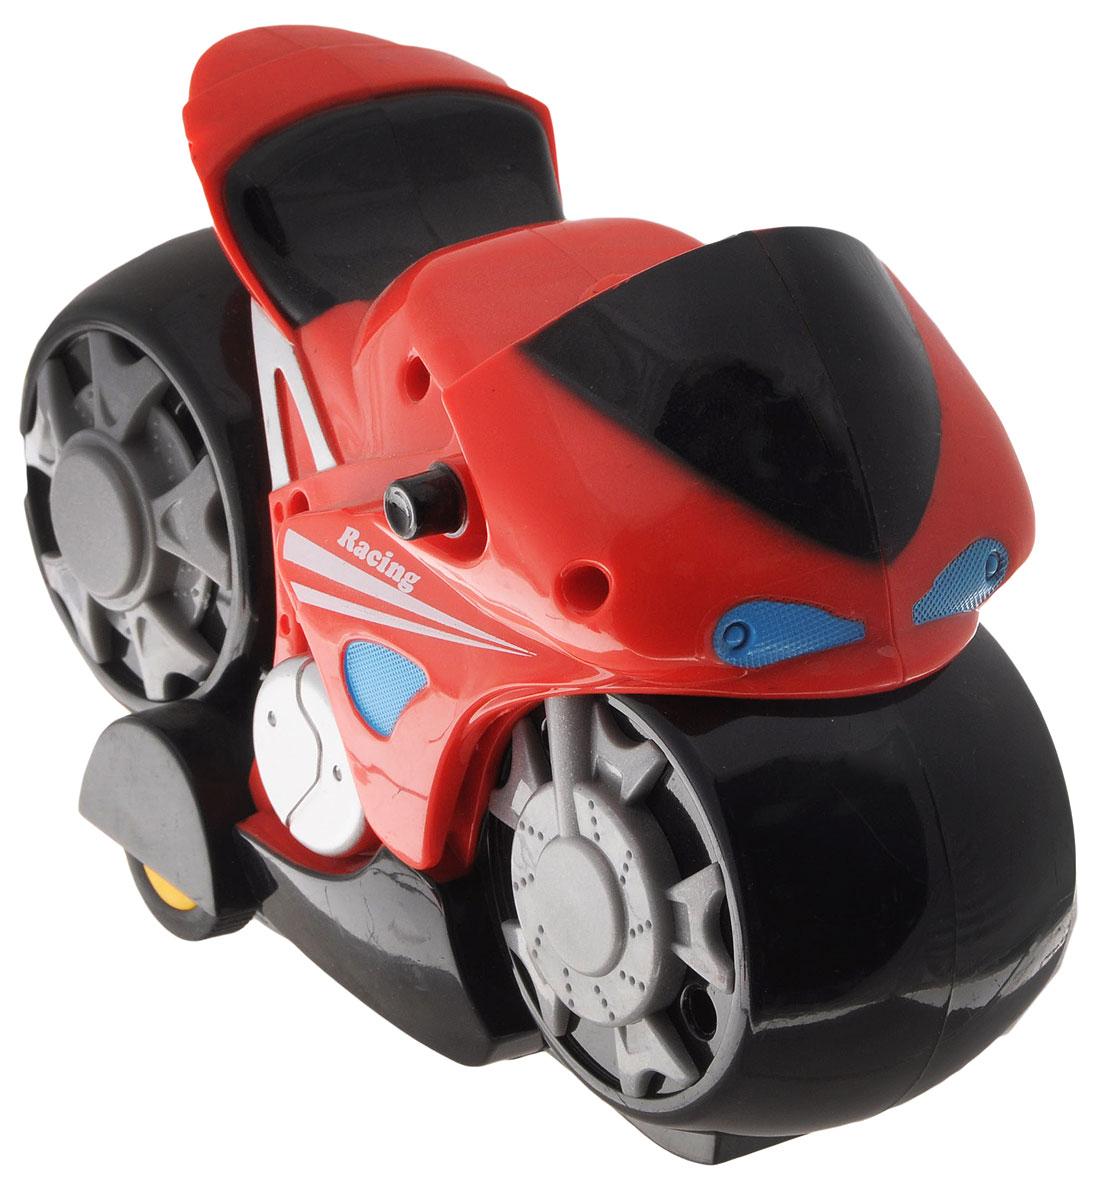 Mioshi Мотоцикл на радиоуправлении Мотокросс цвет красный - Радиоуправляемые игрушки